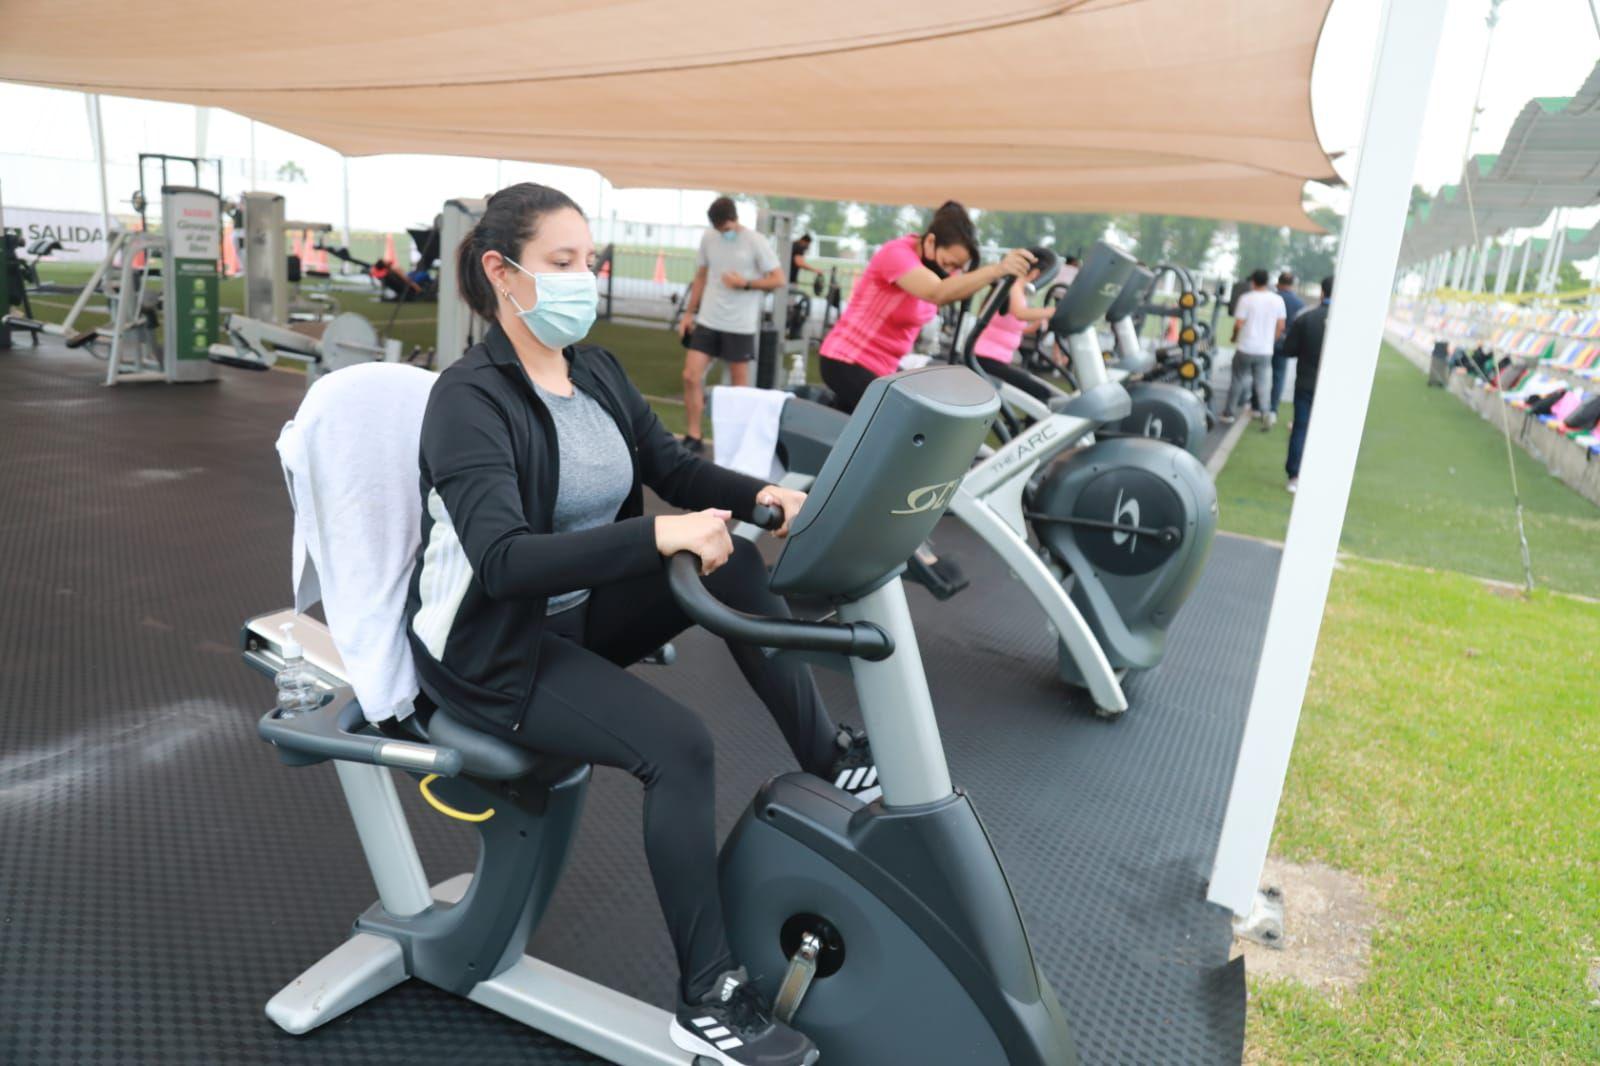 Gimnasio al aire libre cumple con las medidas de bioseguridad por lo que el aforo será reducido. (Foto: Municipalidad de San Isidro)